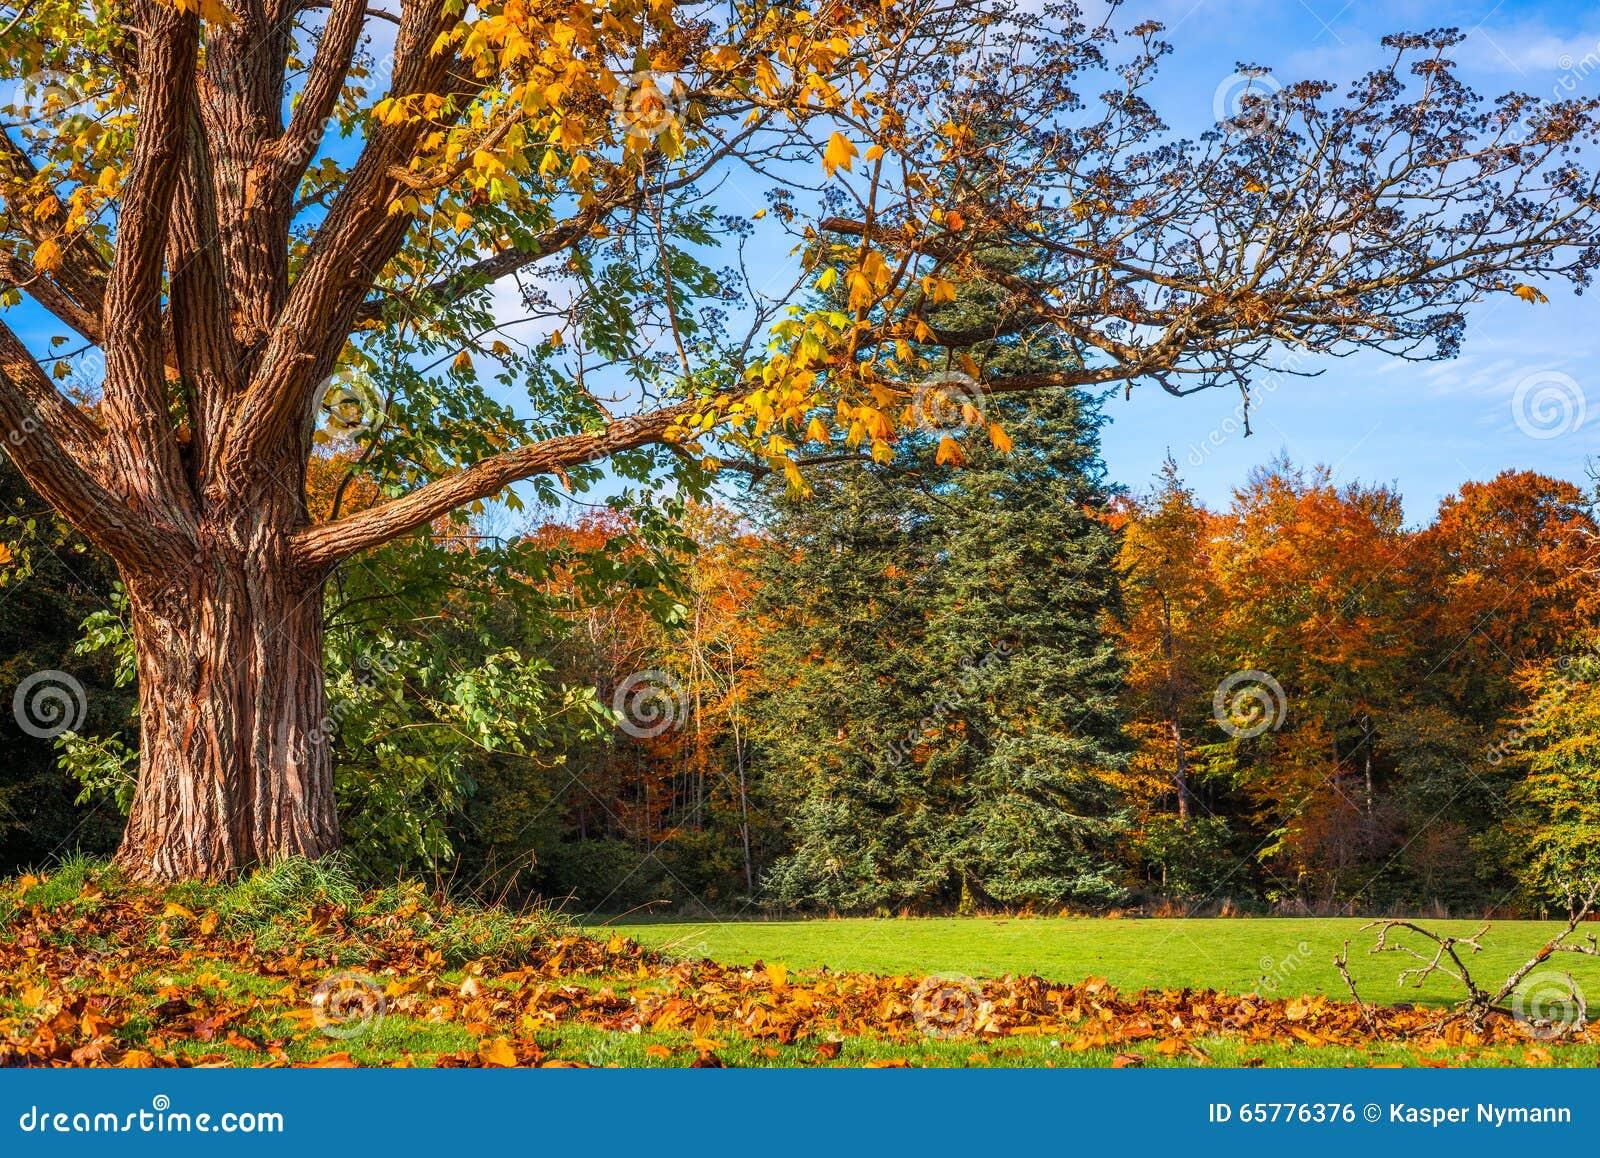 Grosser Baum Der Die Blatter Verliert Stockfoto Bild Von Golden